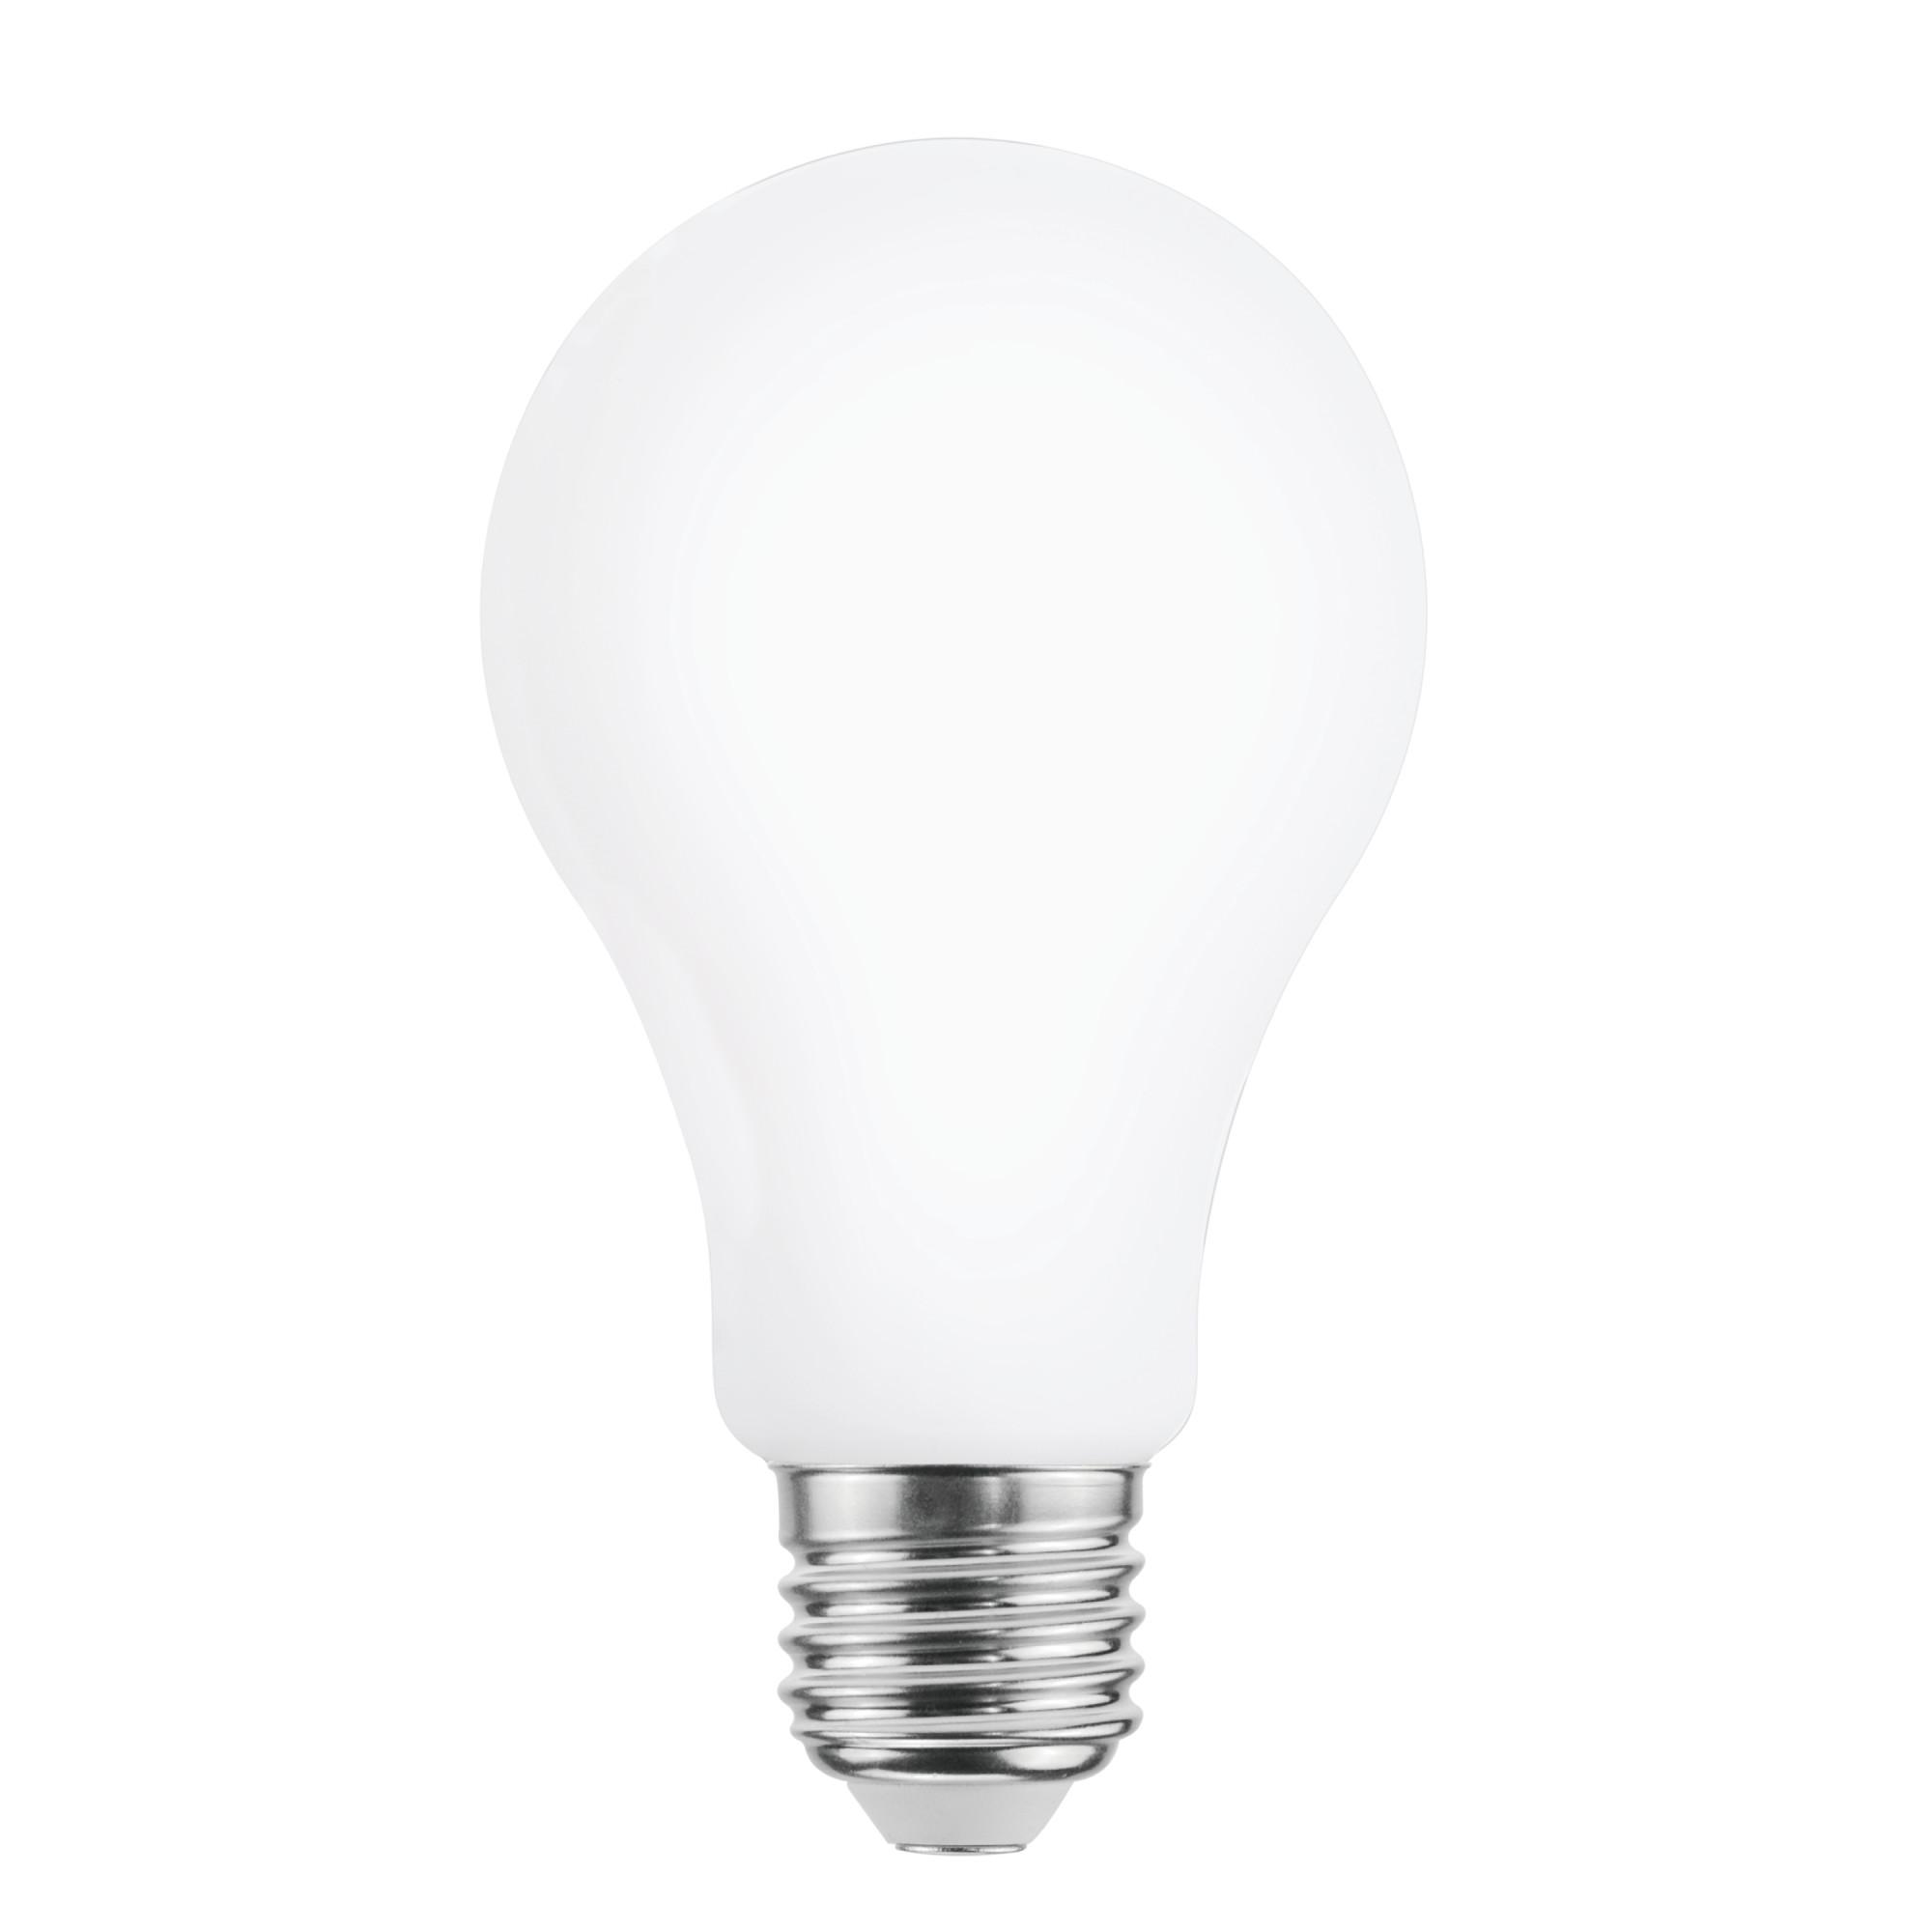 Лампа светодиодная филаментная Lexman E27 220 В 16 Вт груша матовая 2452 лм тёплый белый свет